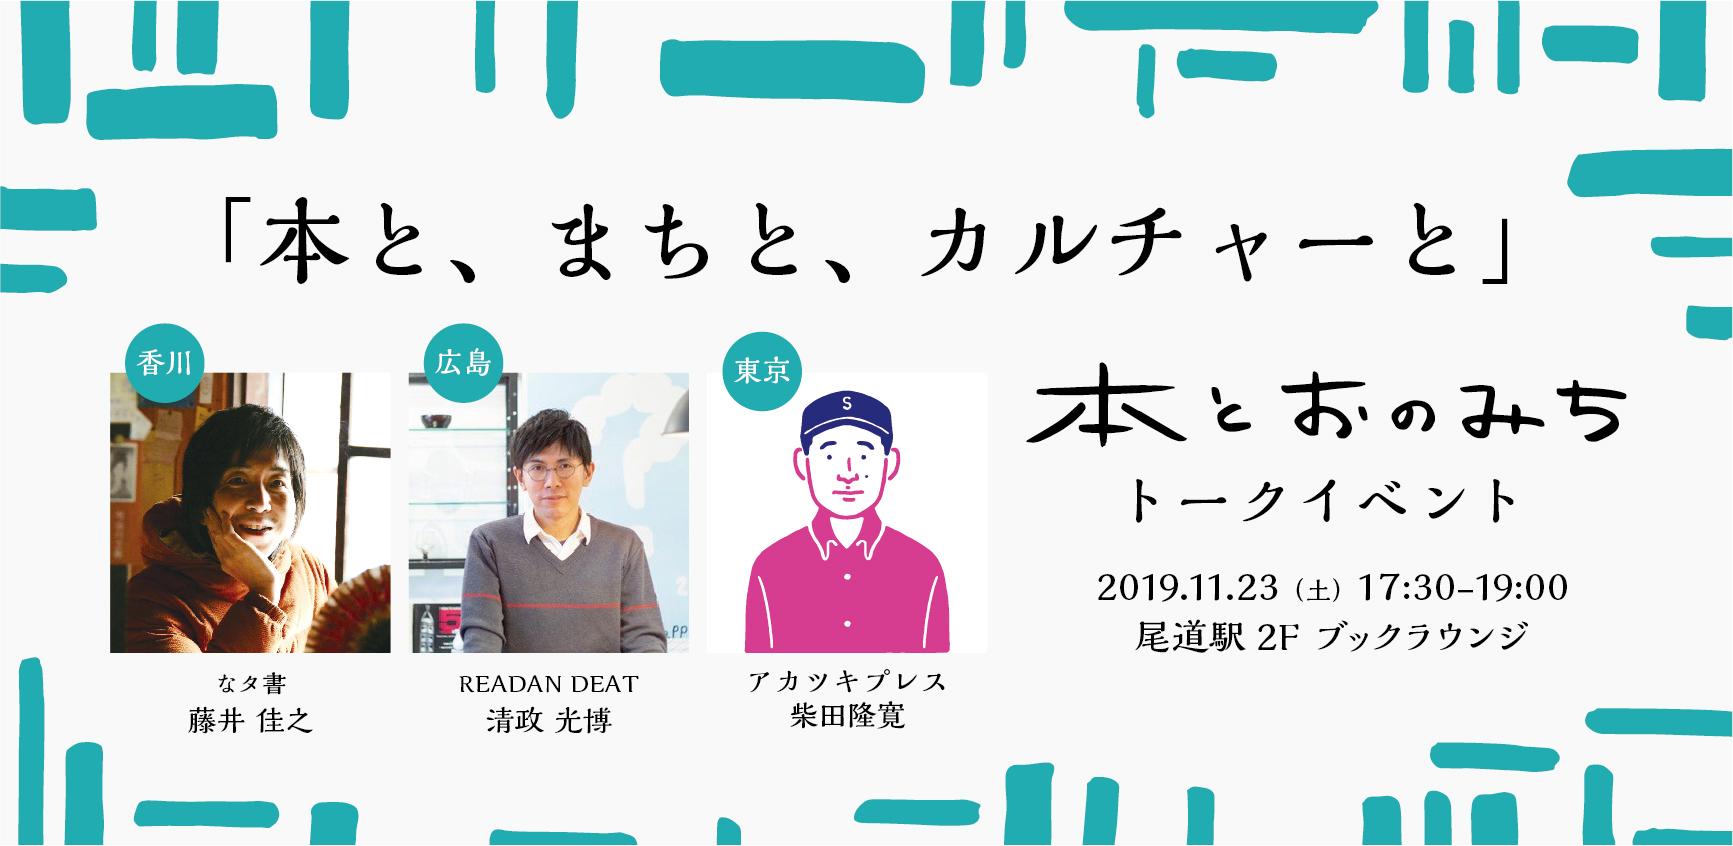 本とおのみちトークイベント「本と、まちと、カルチャーと。」11/23に尾道駅で開催